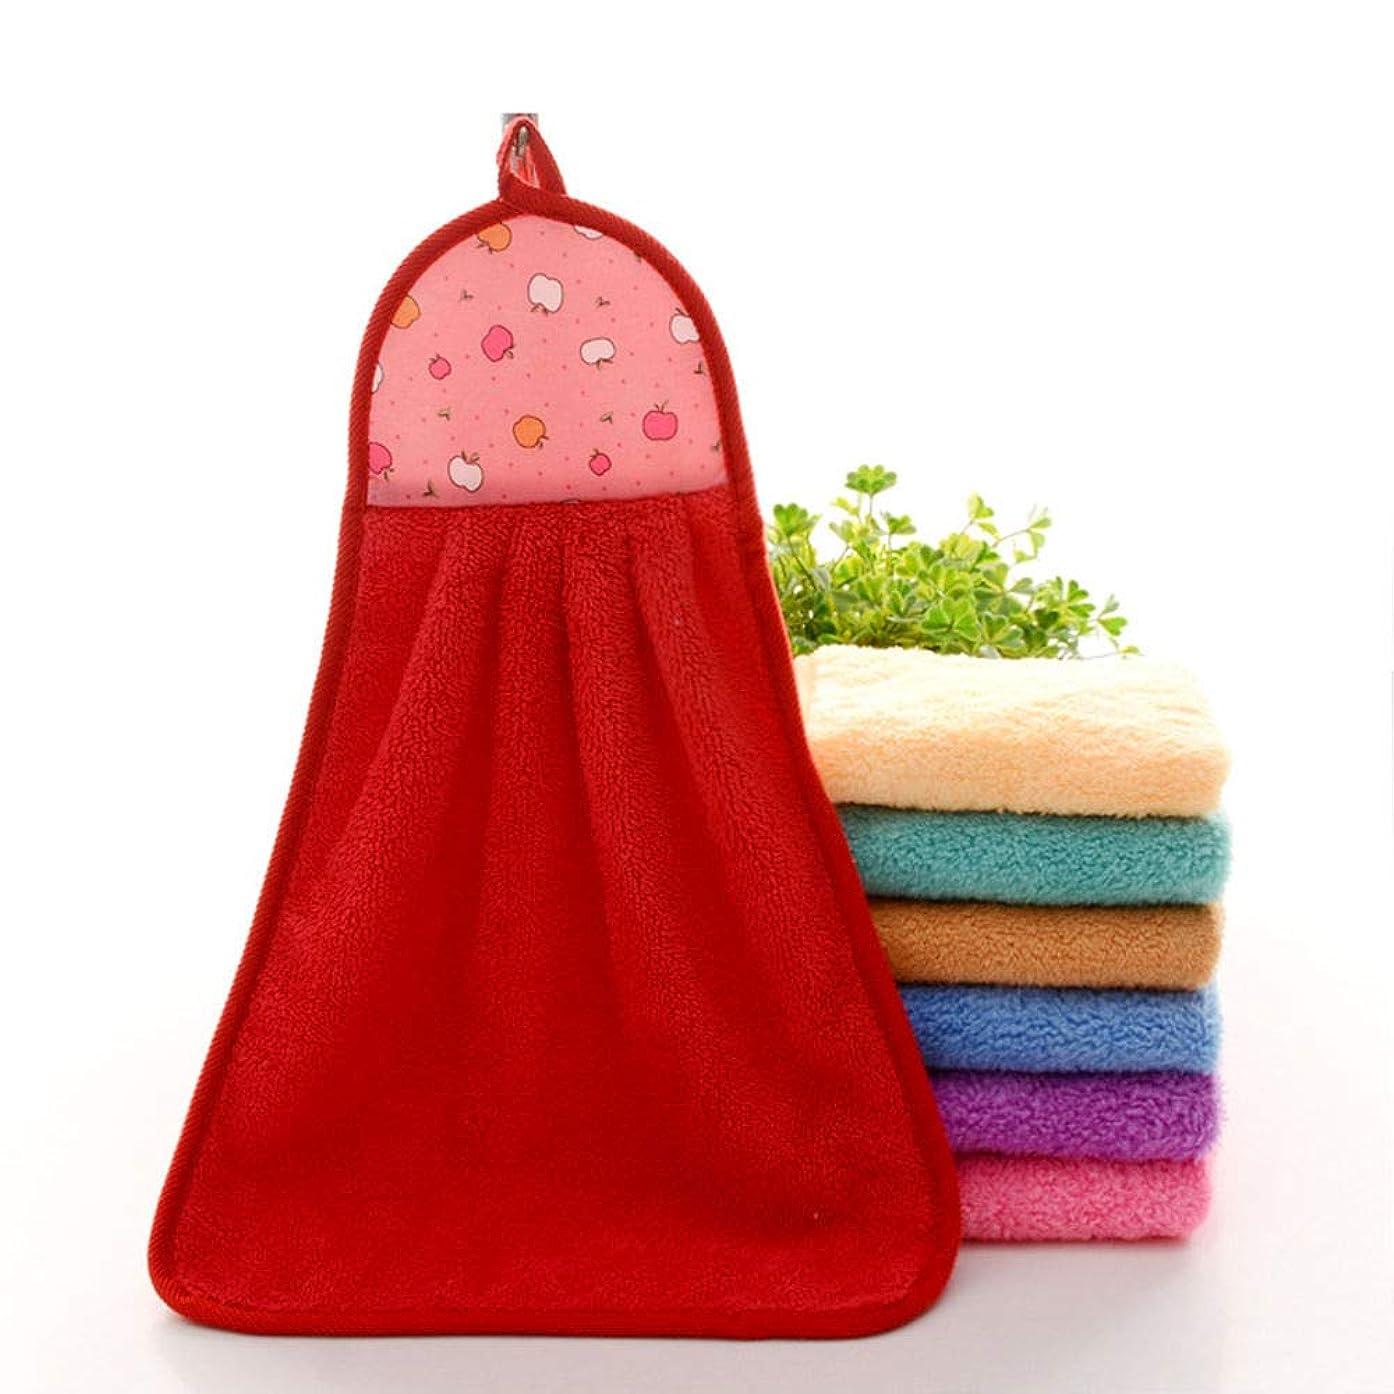 哲学博士ピル学習Maxcrestas - ホテルトラベルアクセサリー用の布乾燥パッドフェイスタオルをぶら下げ太いマイクロファイバーキッチン浴室ハンドタオルソフト吸収